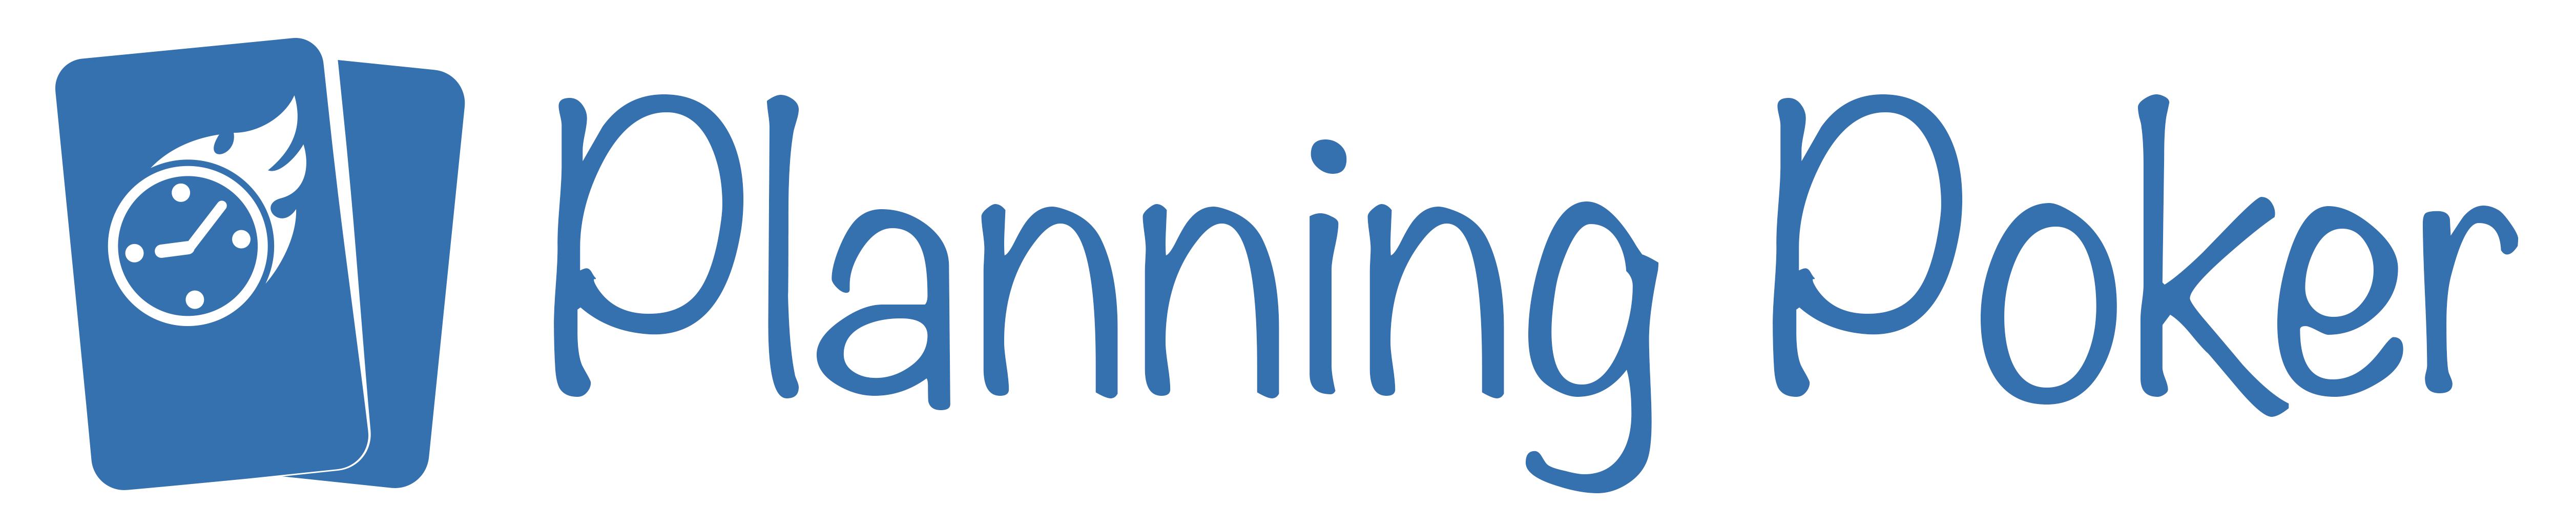 pp_logotype.png